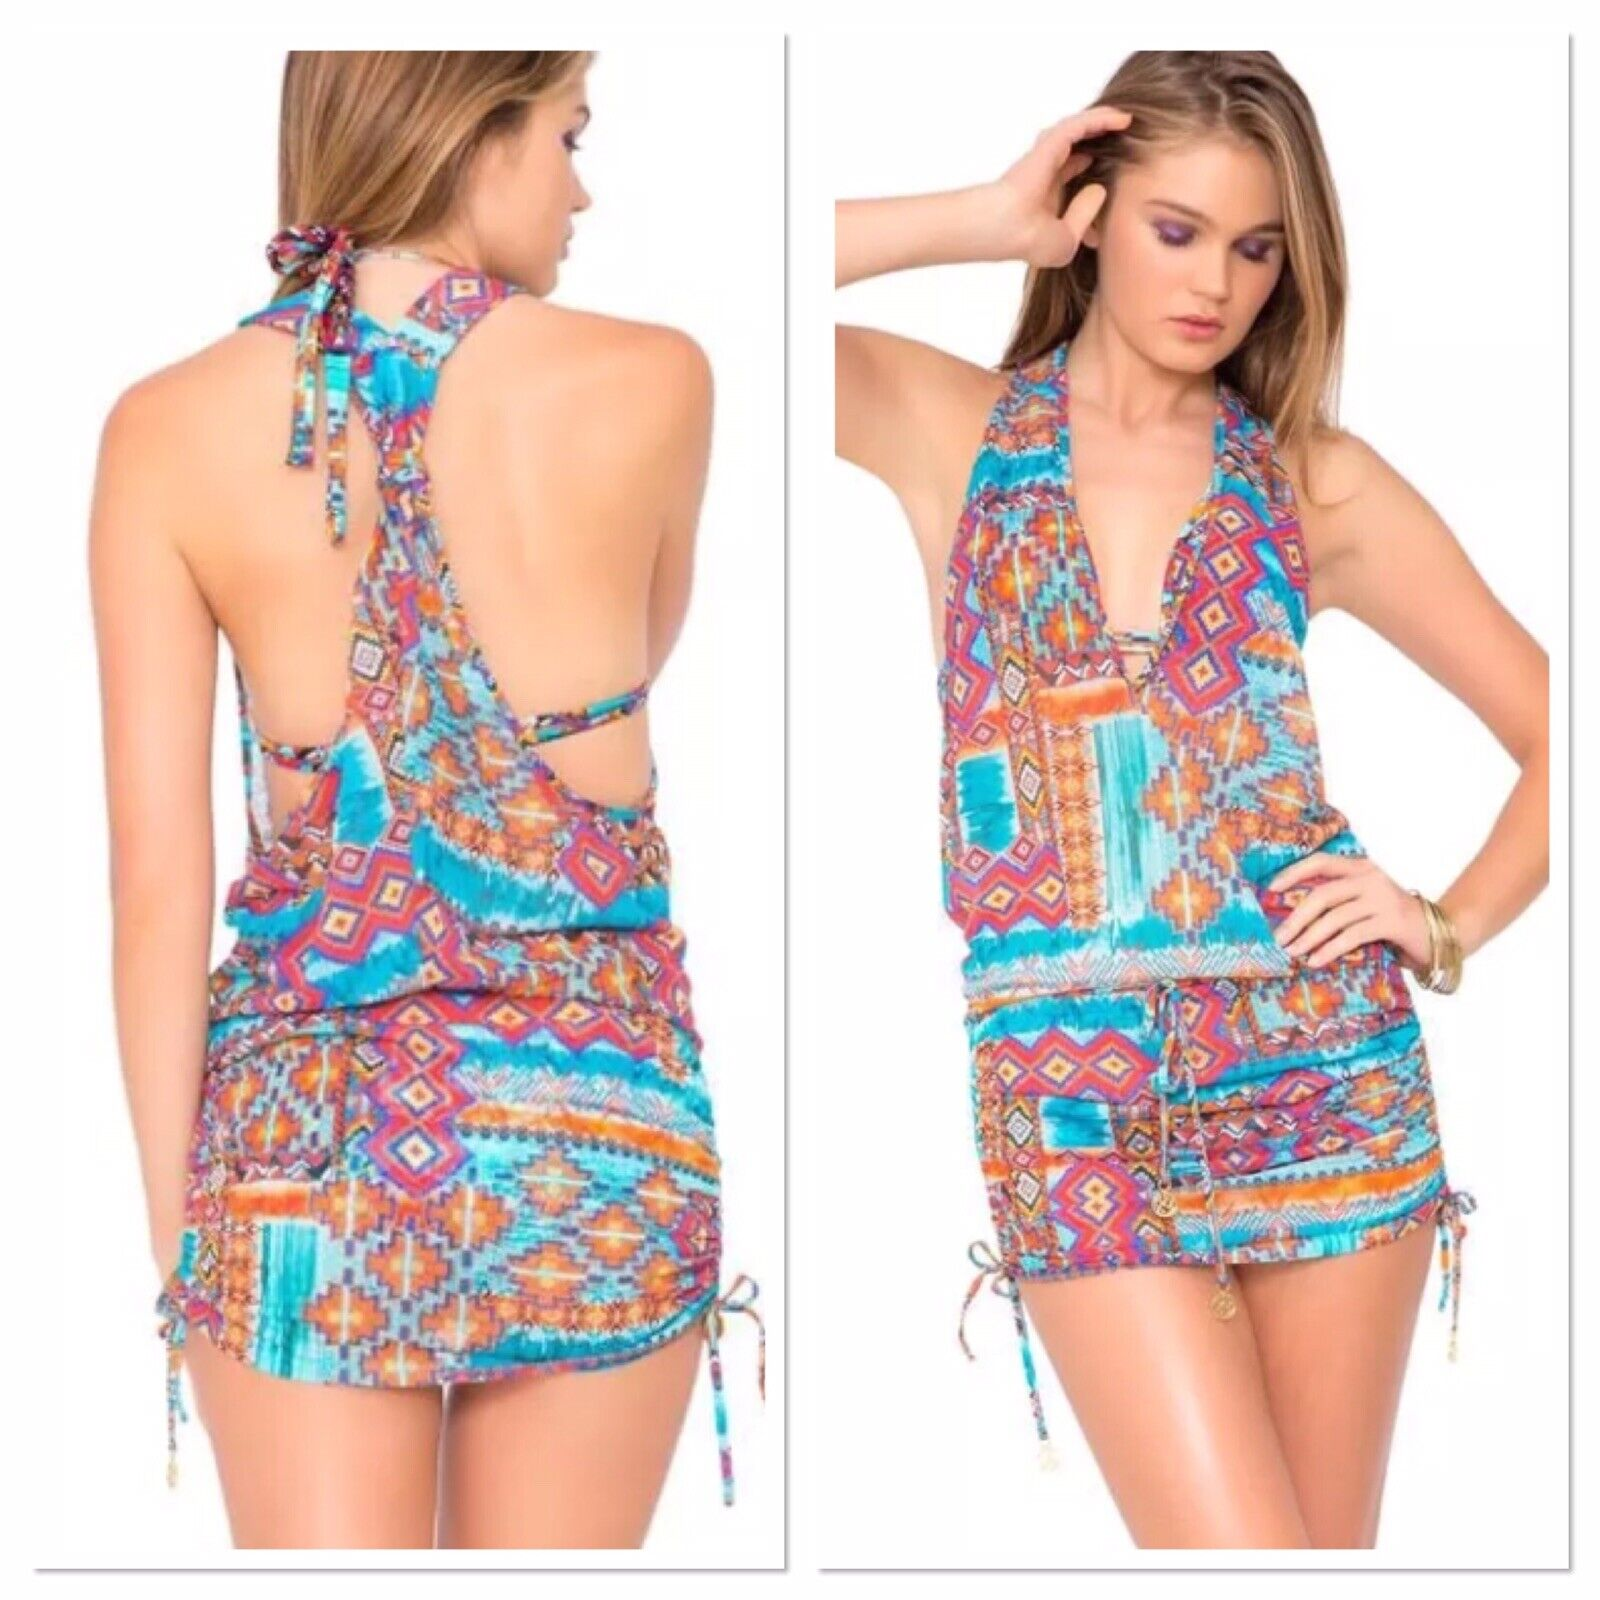 NWT S LULI FAMA Wild och fri Sexy Tribal badkläder Cover Up Festival Minidress